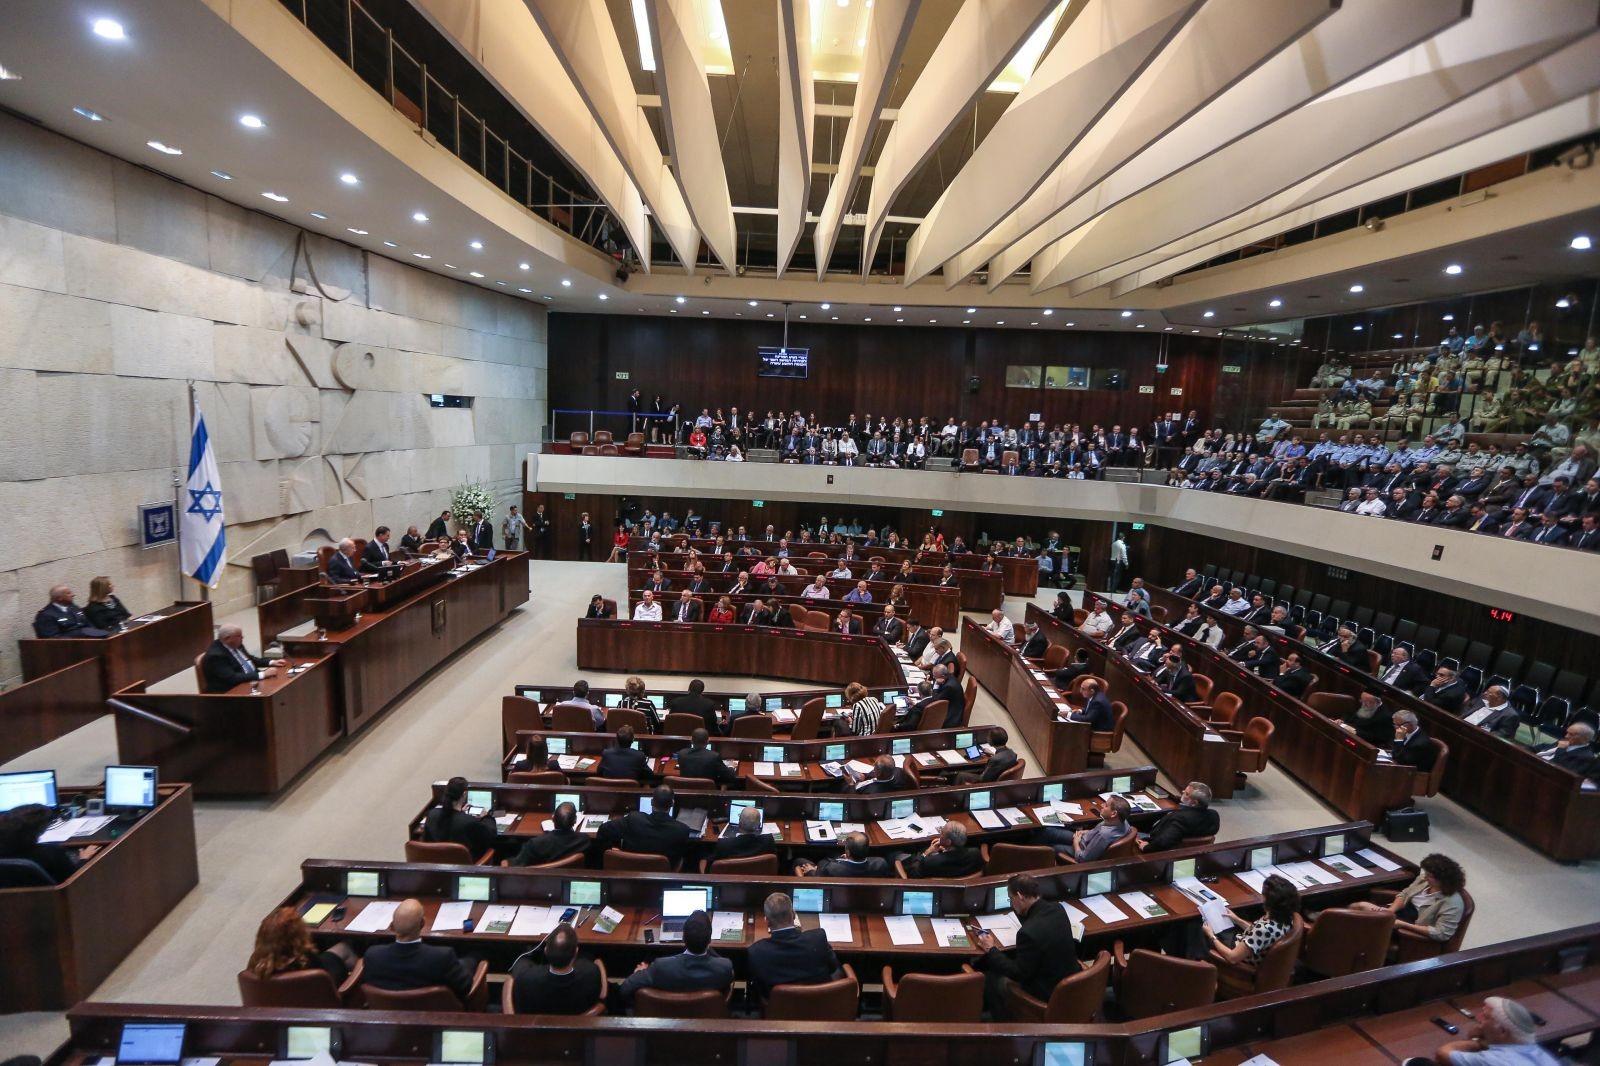 """""""يسرائيل هَيوم"""": قانون المواطنة سواء أُقرّ أم لم يُقَر لن يؤدي إلى اختفاء العرب"""